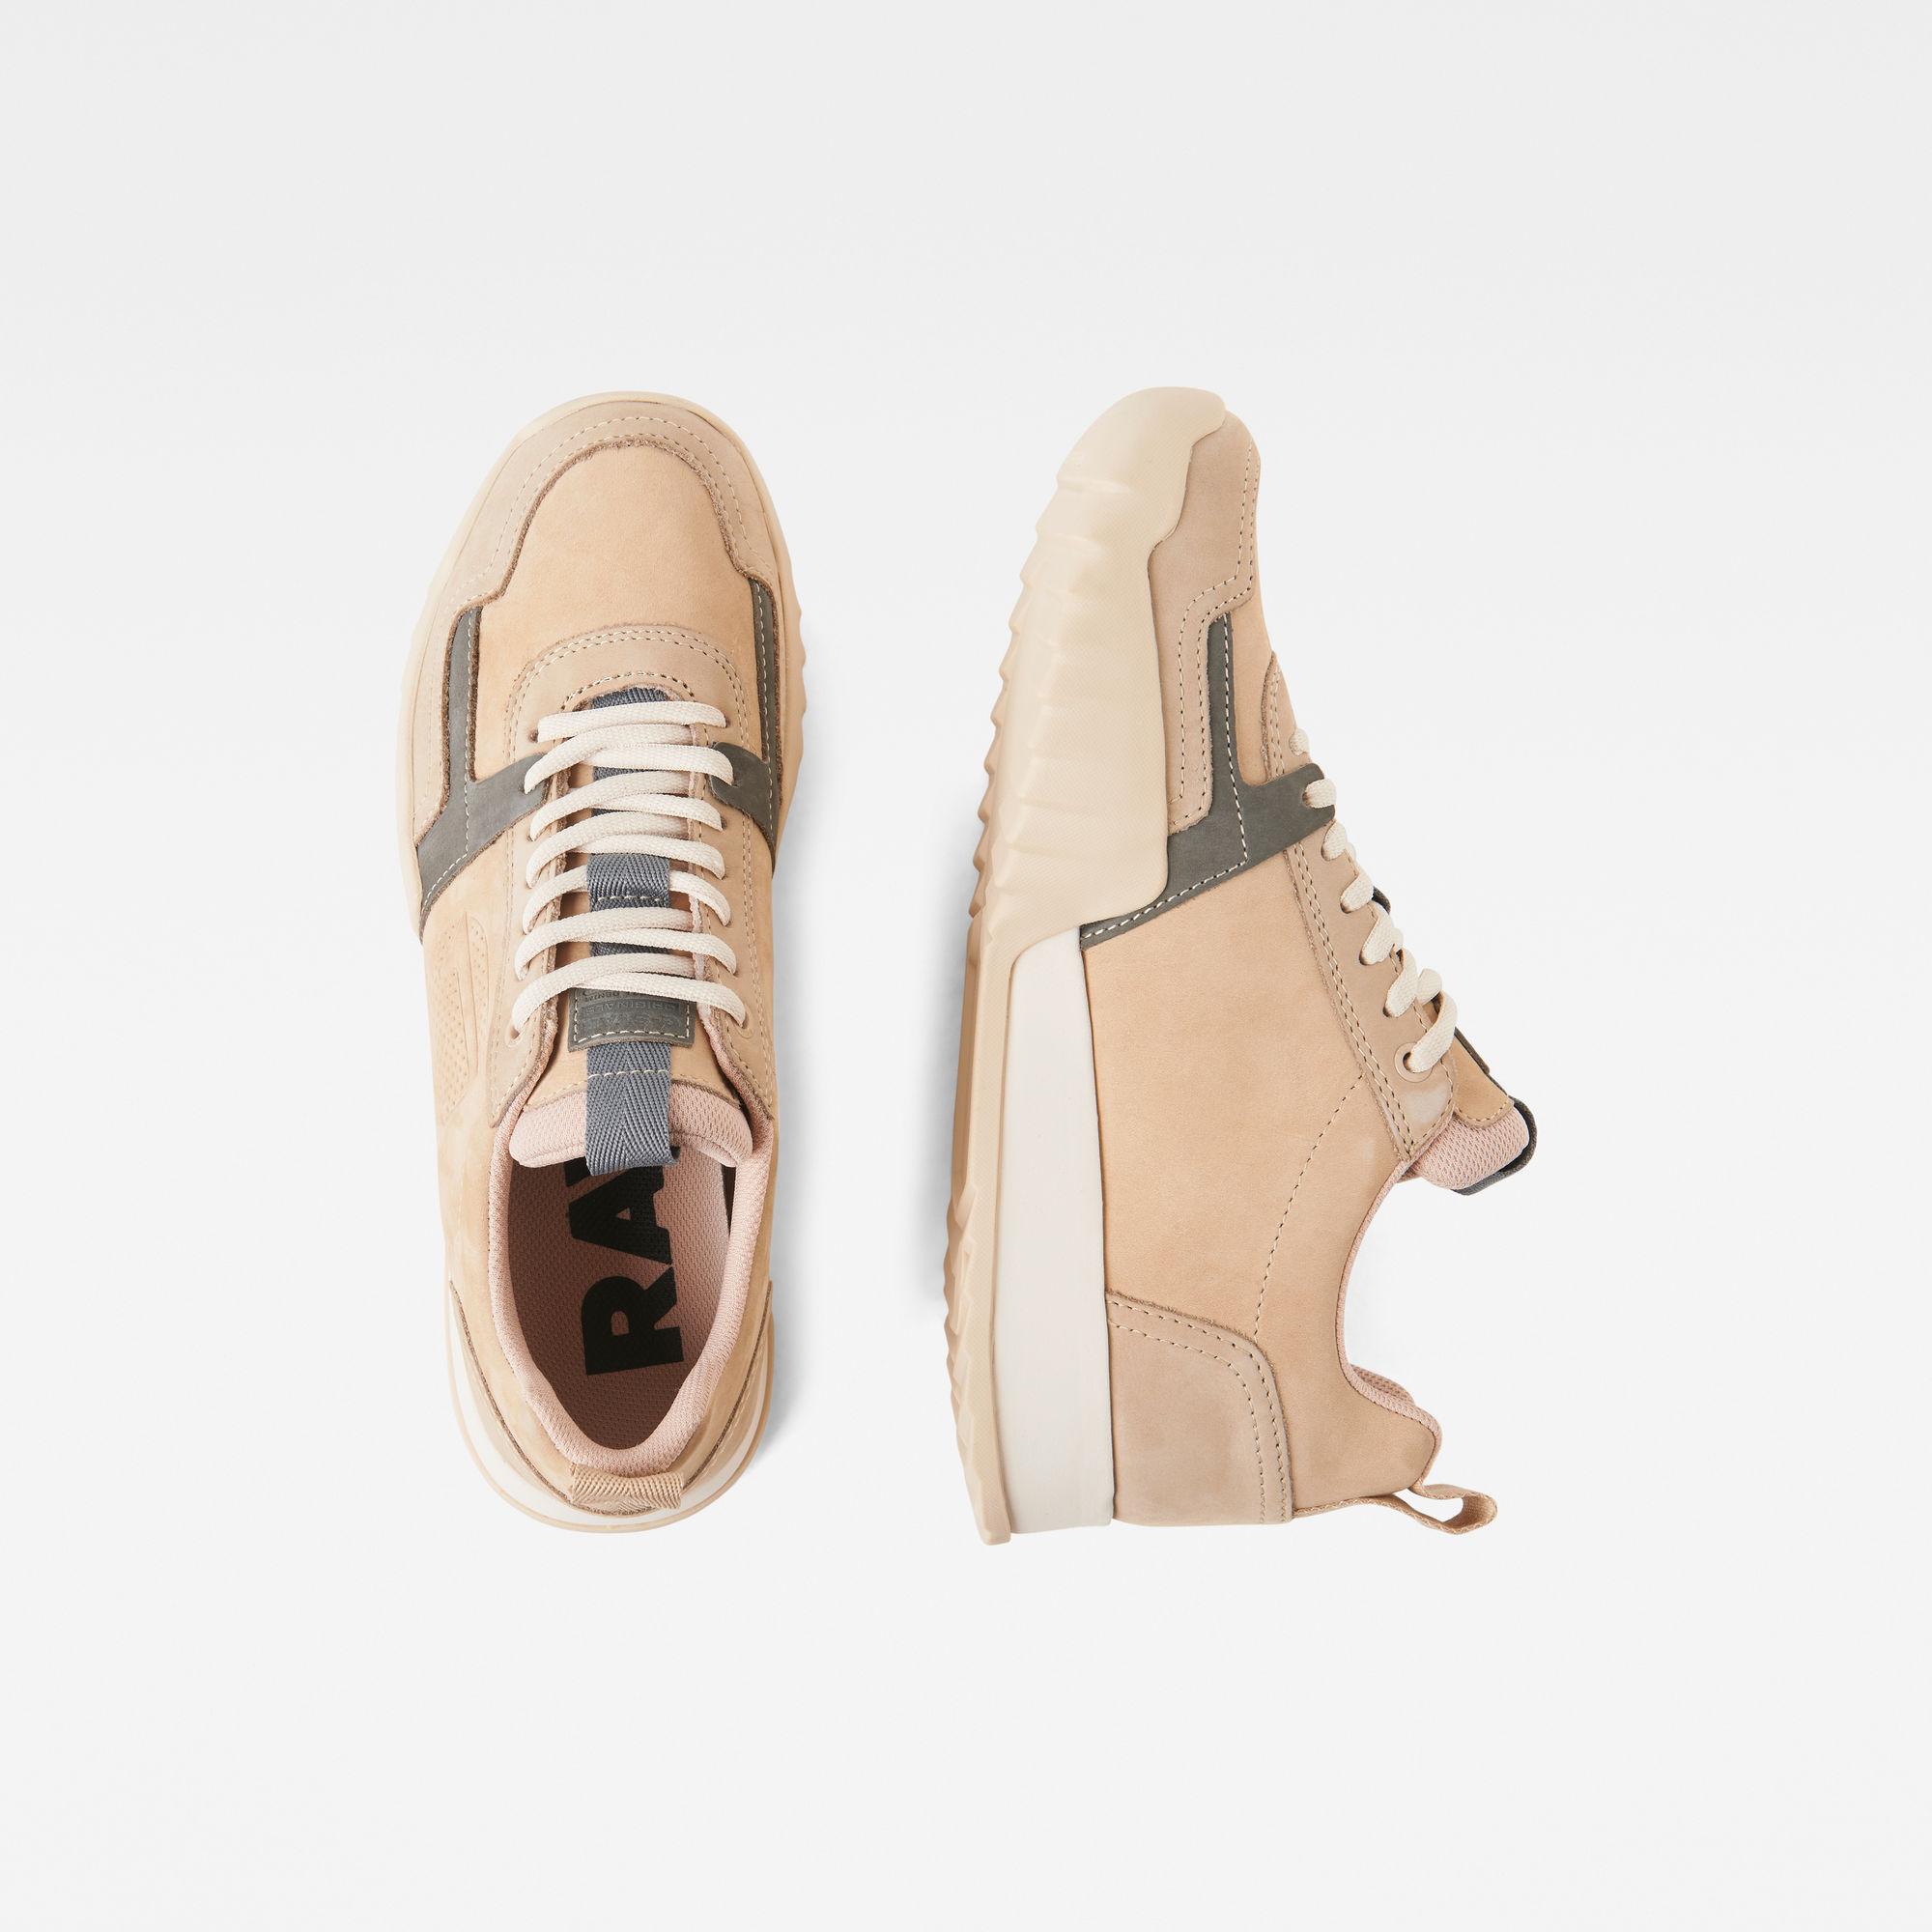 G-Star RAW Rackam Rovic Premium Sneakers